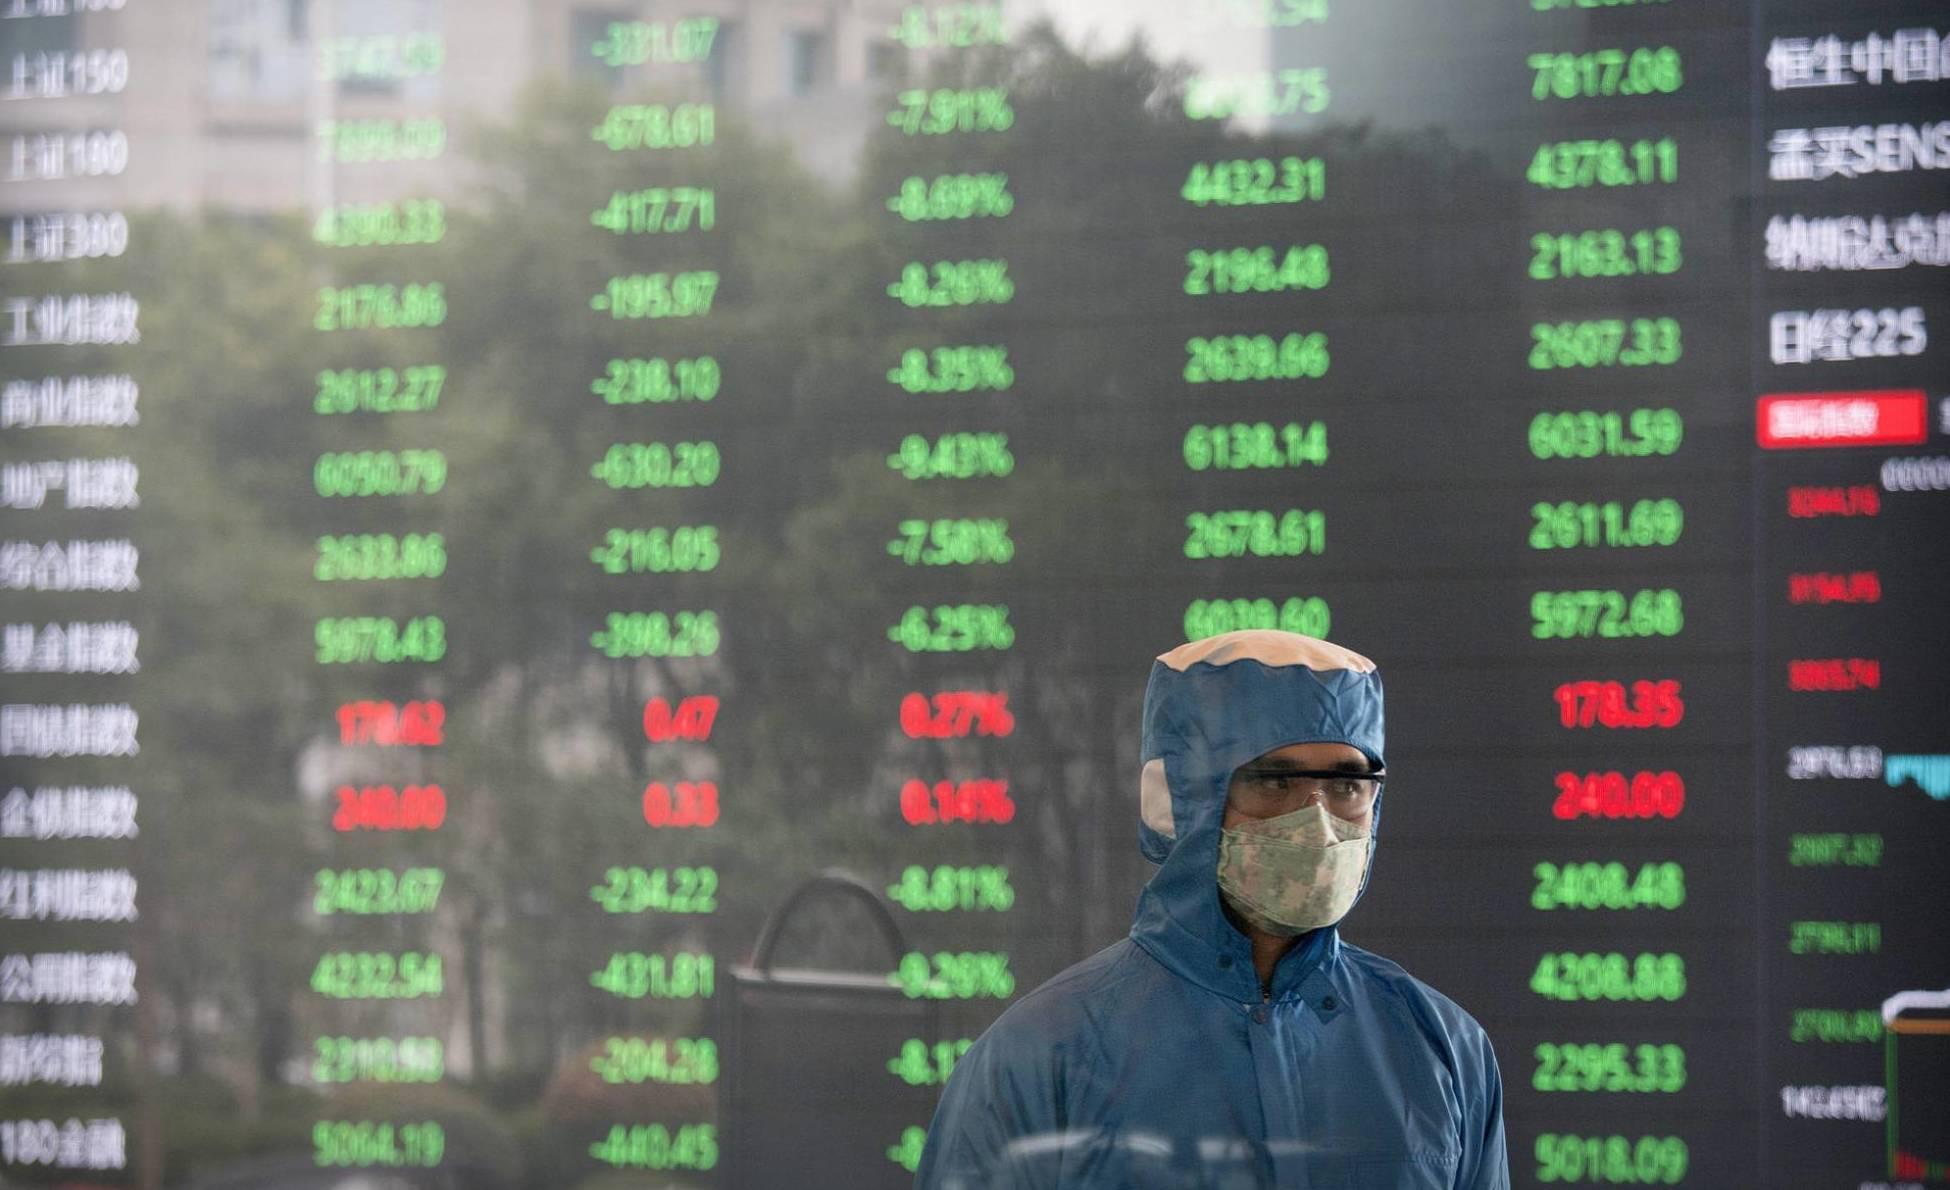 Las Bolsas chinas se desploman en su reapertura por el impacto del coronavirus